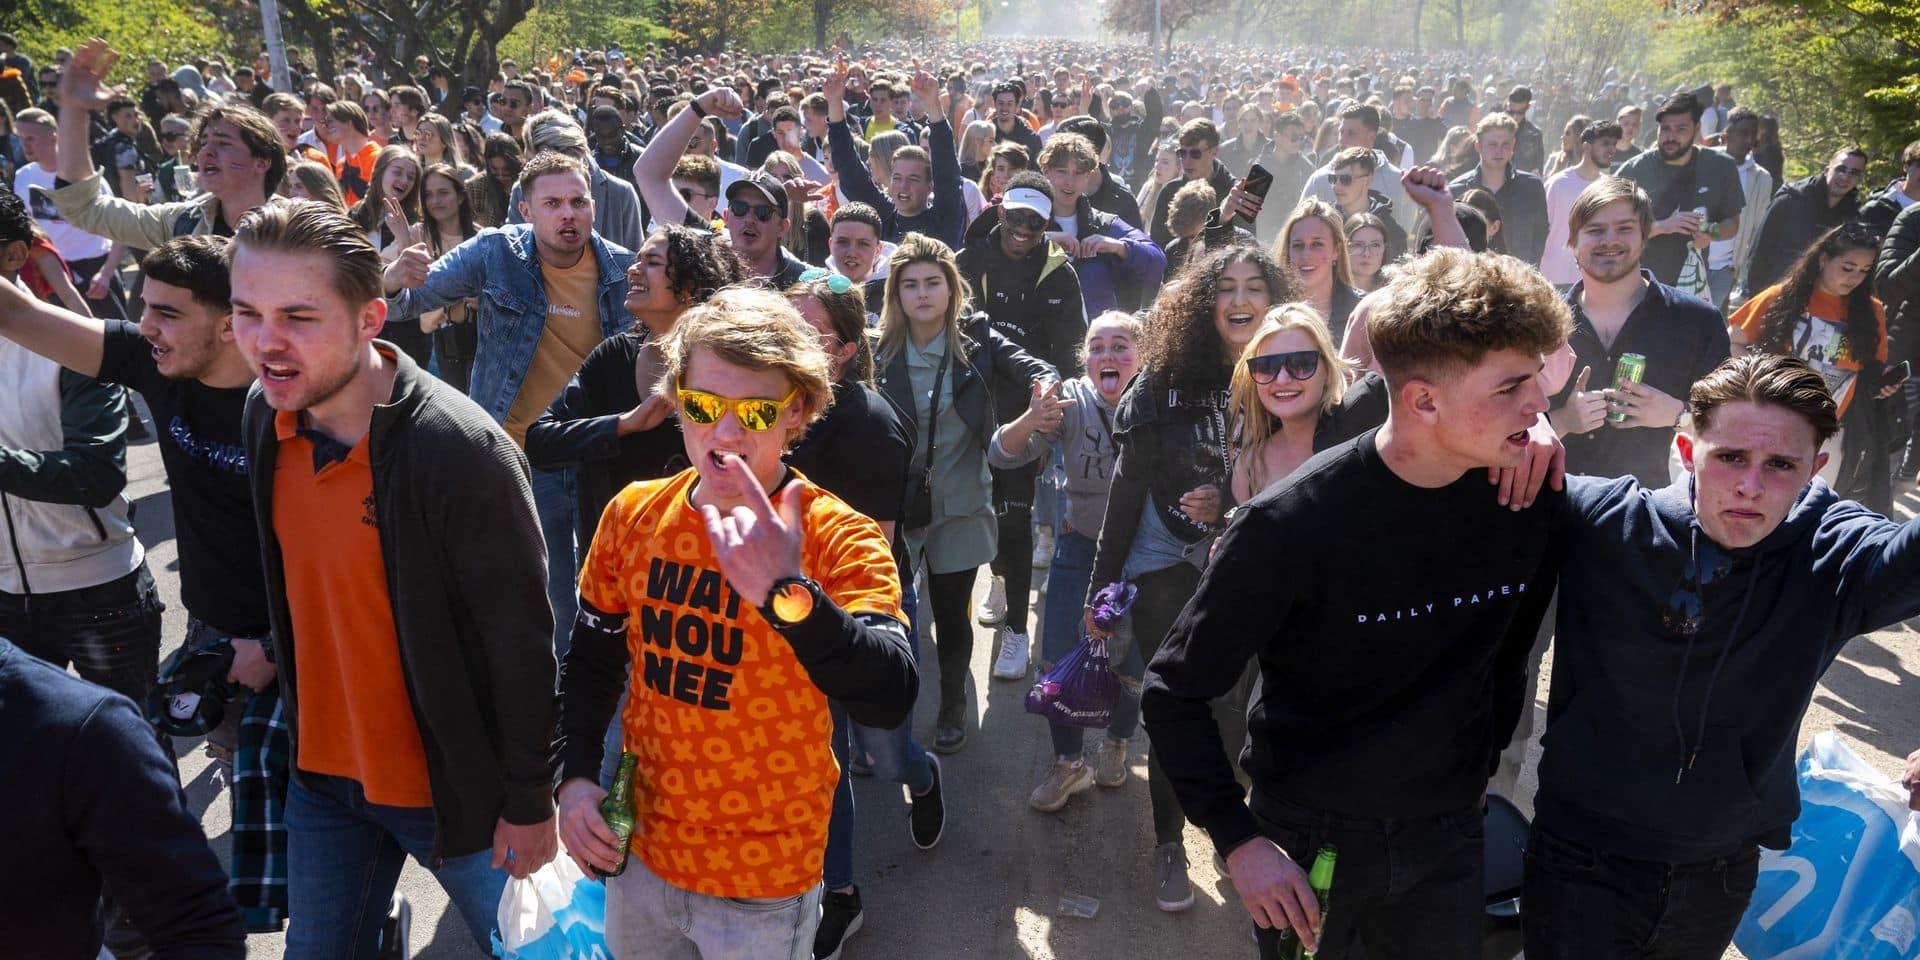 La Fête du Roi rassemble les foules aux Pays-Bas: les rues bondées, plusieurs parcs évacués